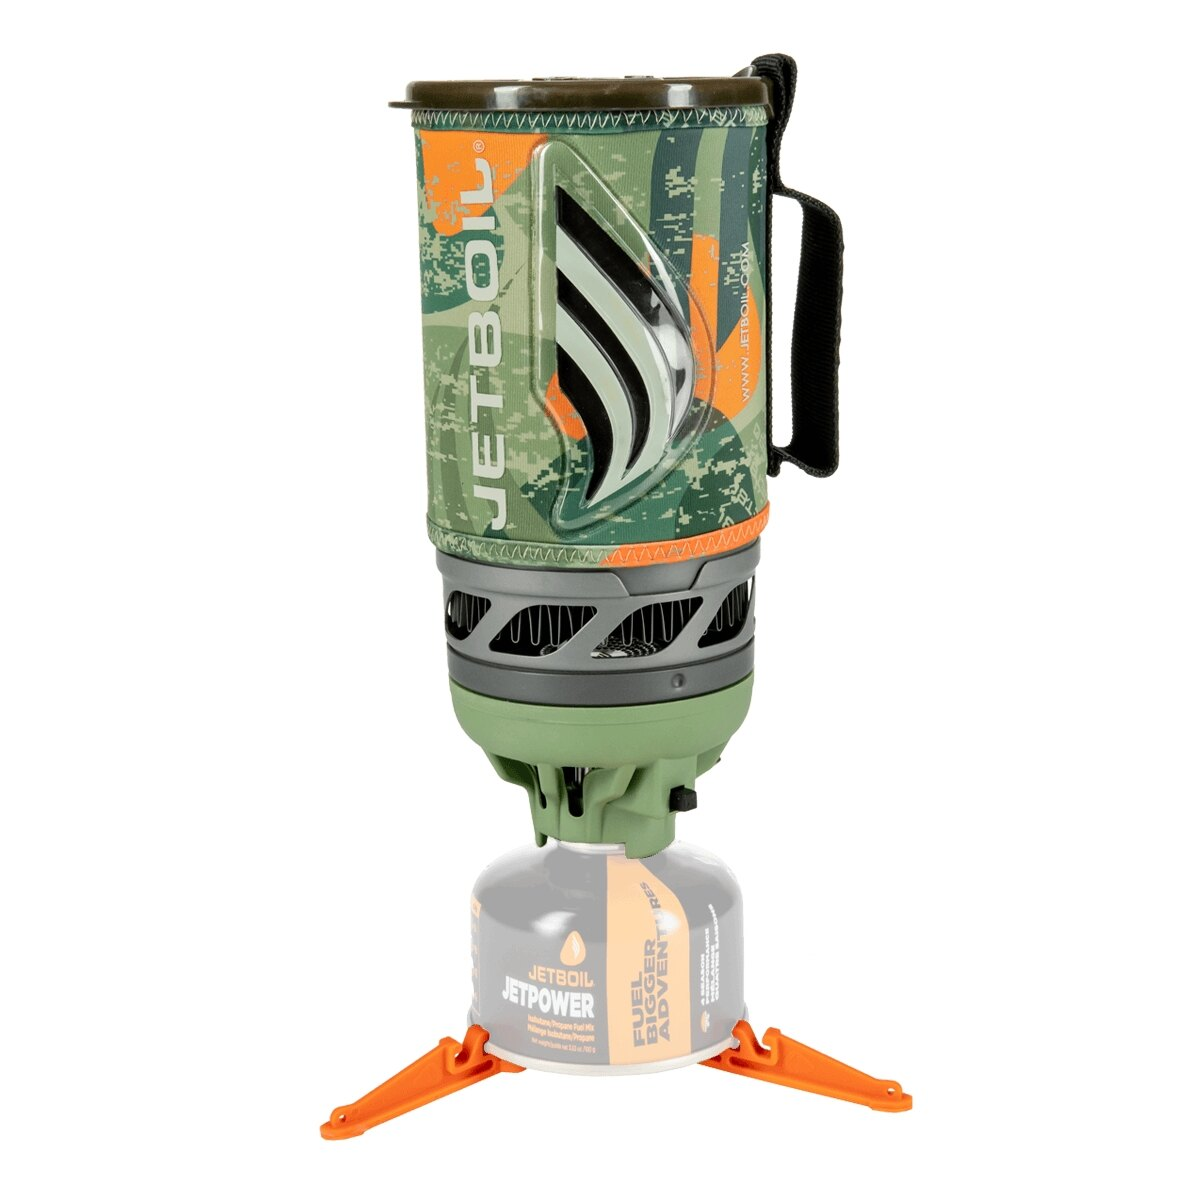 Plynový vařič Flash JETBOIL® - JetCamo (Farba: Zelená, Varianta: JetCamo)